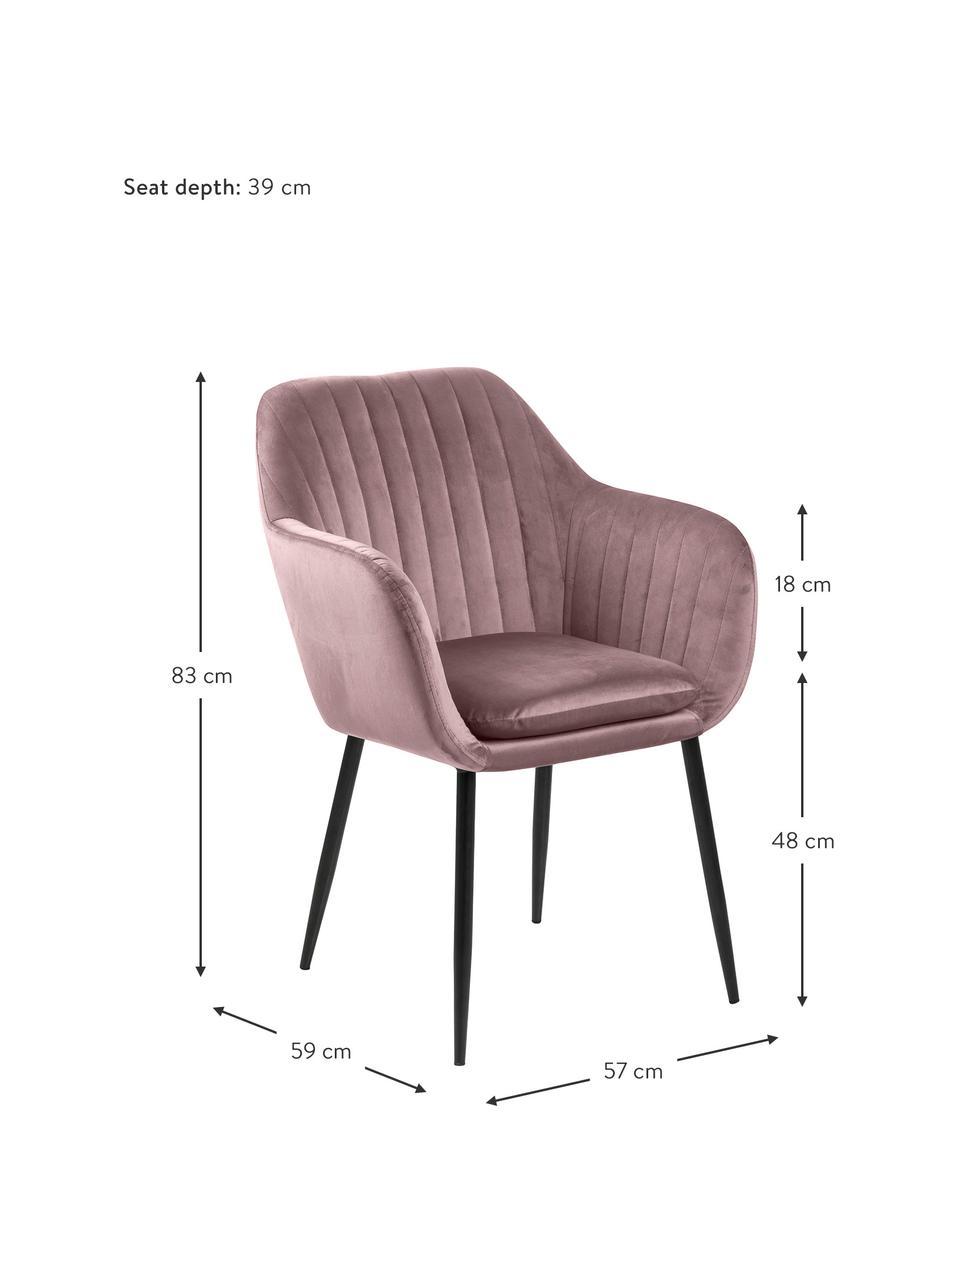 Samt-Armlehnstuhl Emilia in Rosa mit Metallbeinen, Bezug: Polyestersamt Der hochwer, Beine: Metall, lackiert, Samt Rosa, Beine Schwarz, B 57 x T 59 cm